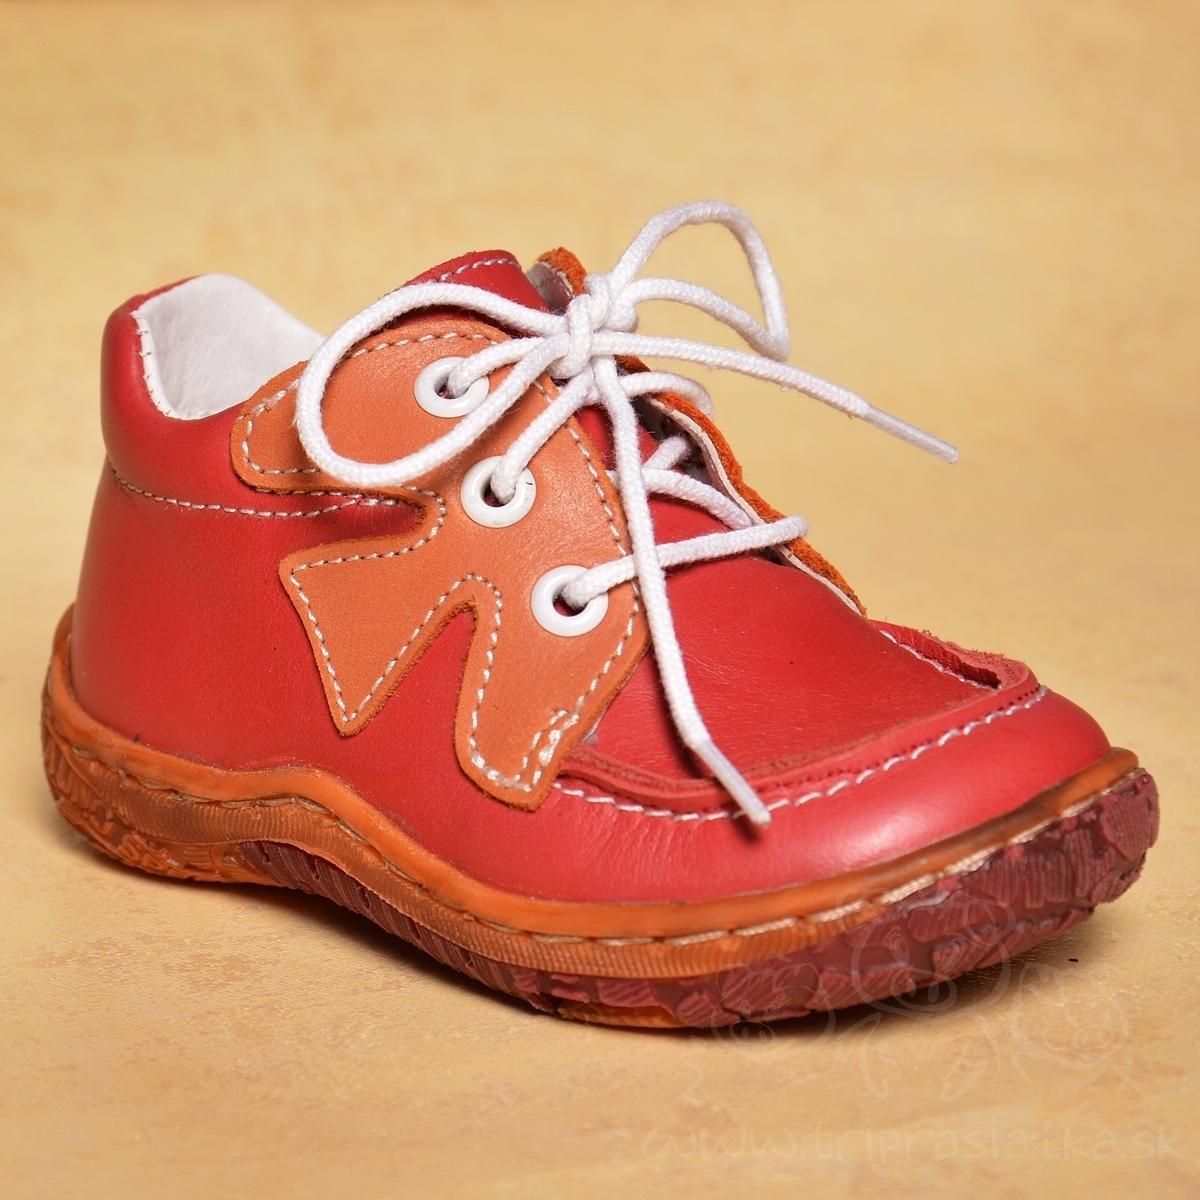 277243bcccccf Detské kvalitné kožené topánočky renbut, 25 - 26,60 € od predávajúcej  3prasiatka_sk   Detský bazár   ModryKonik.sk